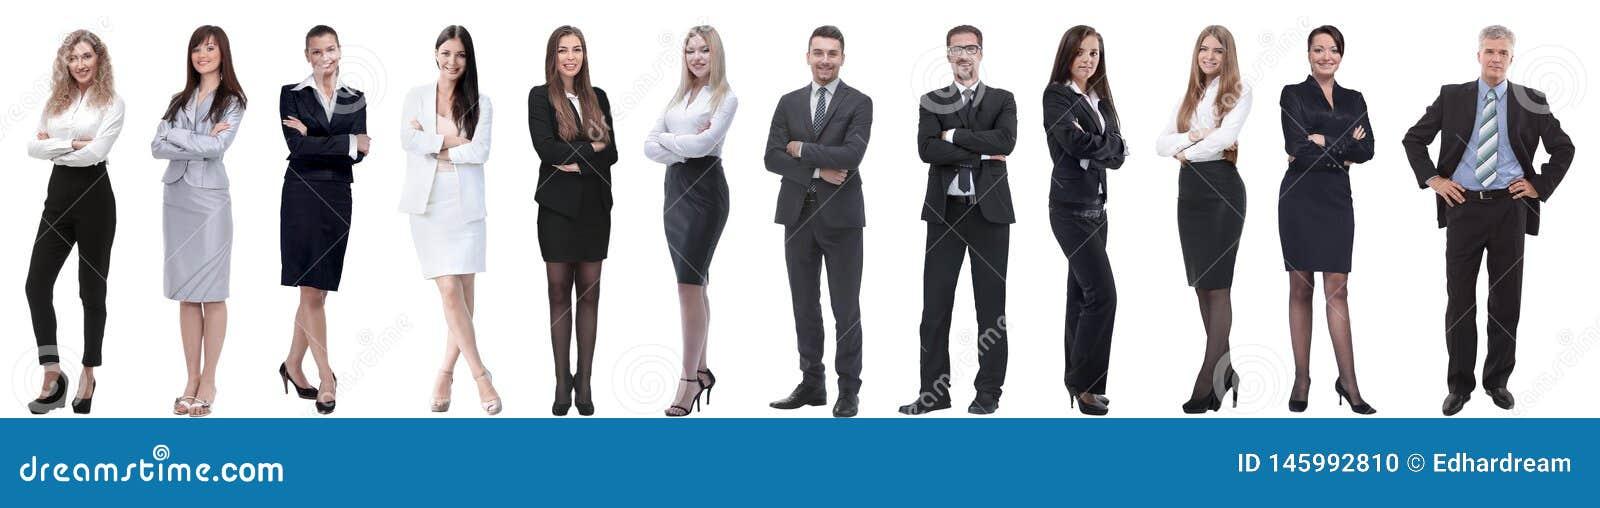 Ομάδα επιτυχών επιχειρηματιών που απομονώνονται στο λευκό